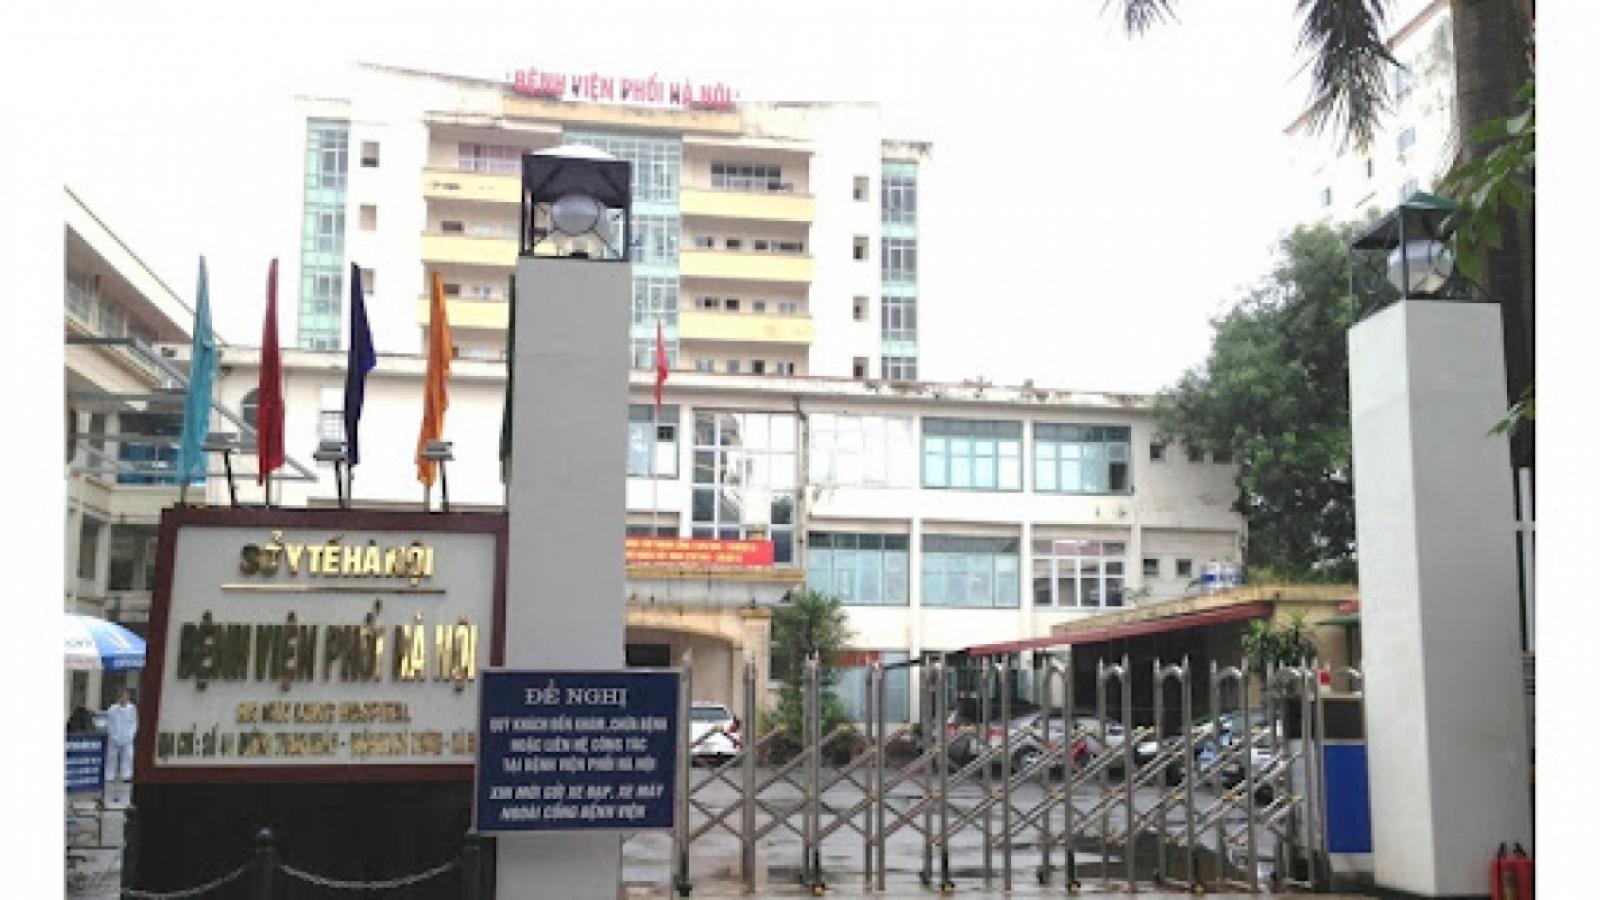 14 coronavirus cases detected, Hanoi hospital in lockdown